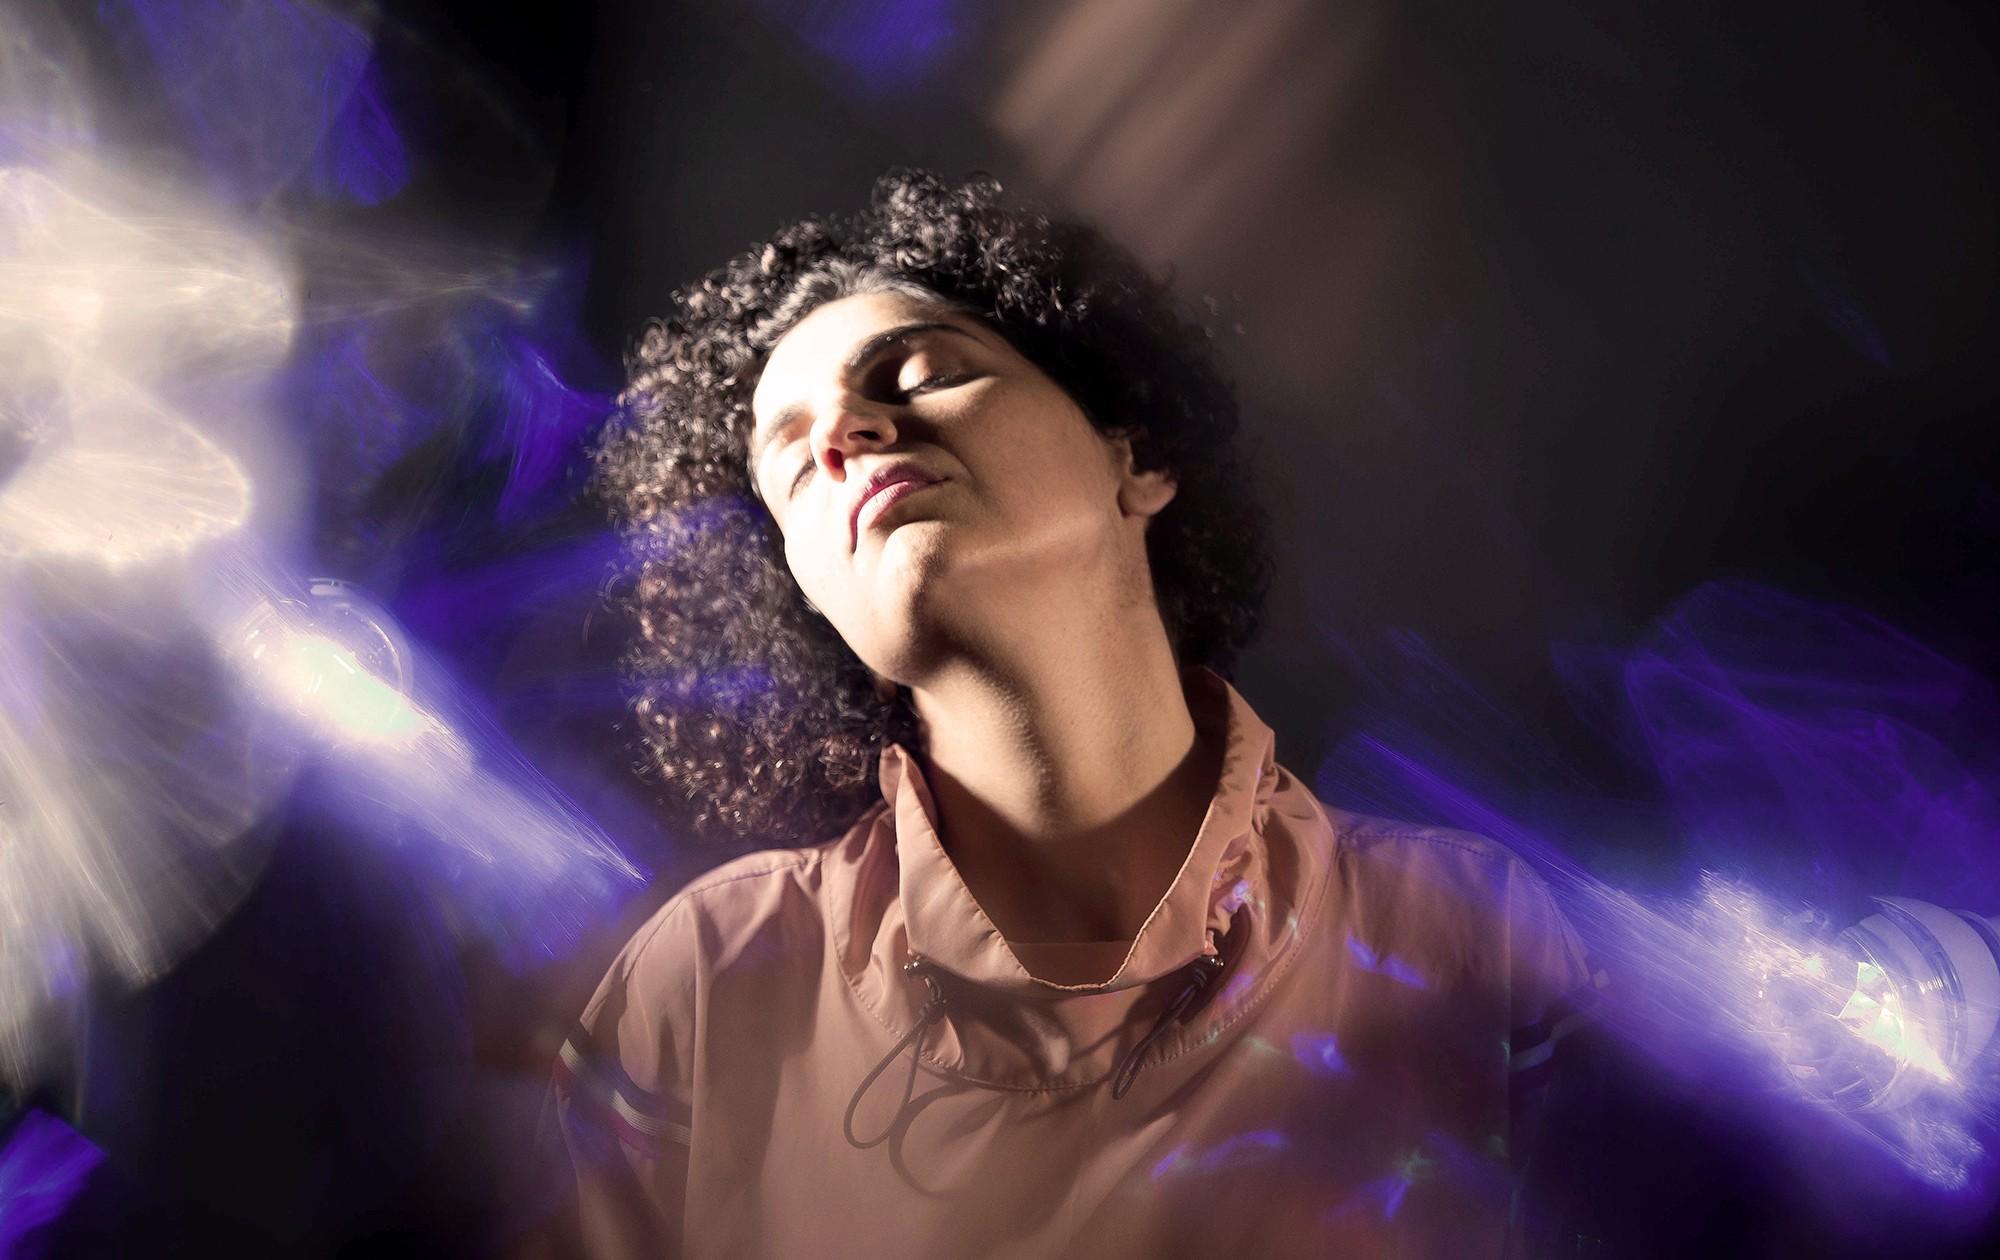 Luiza Brina anuncia terceiro álbum solo com música composta com Ronaldo Bastos e gravada com Fernanda Takai - Notícias - Plantão Diário